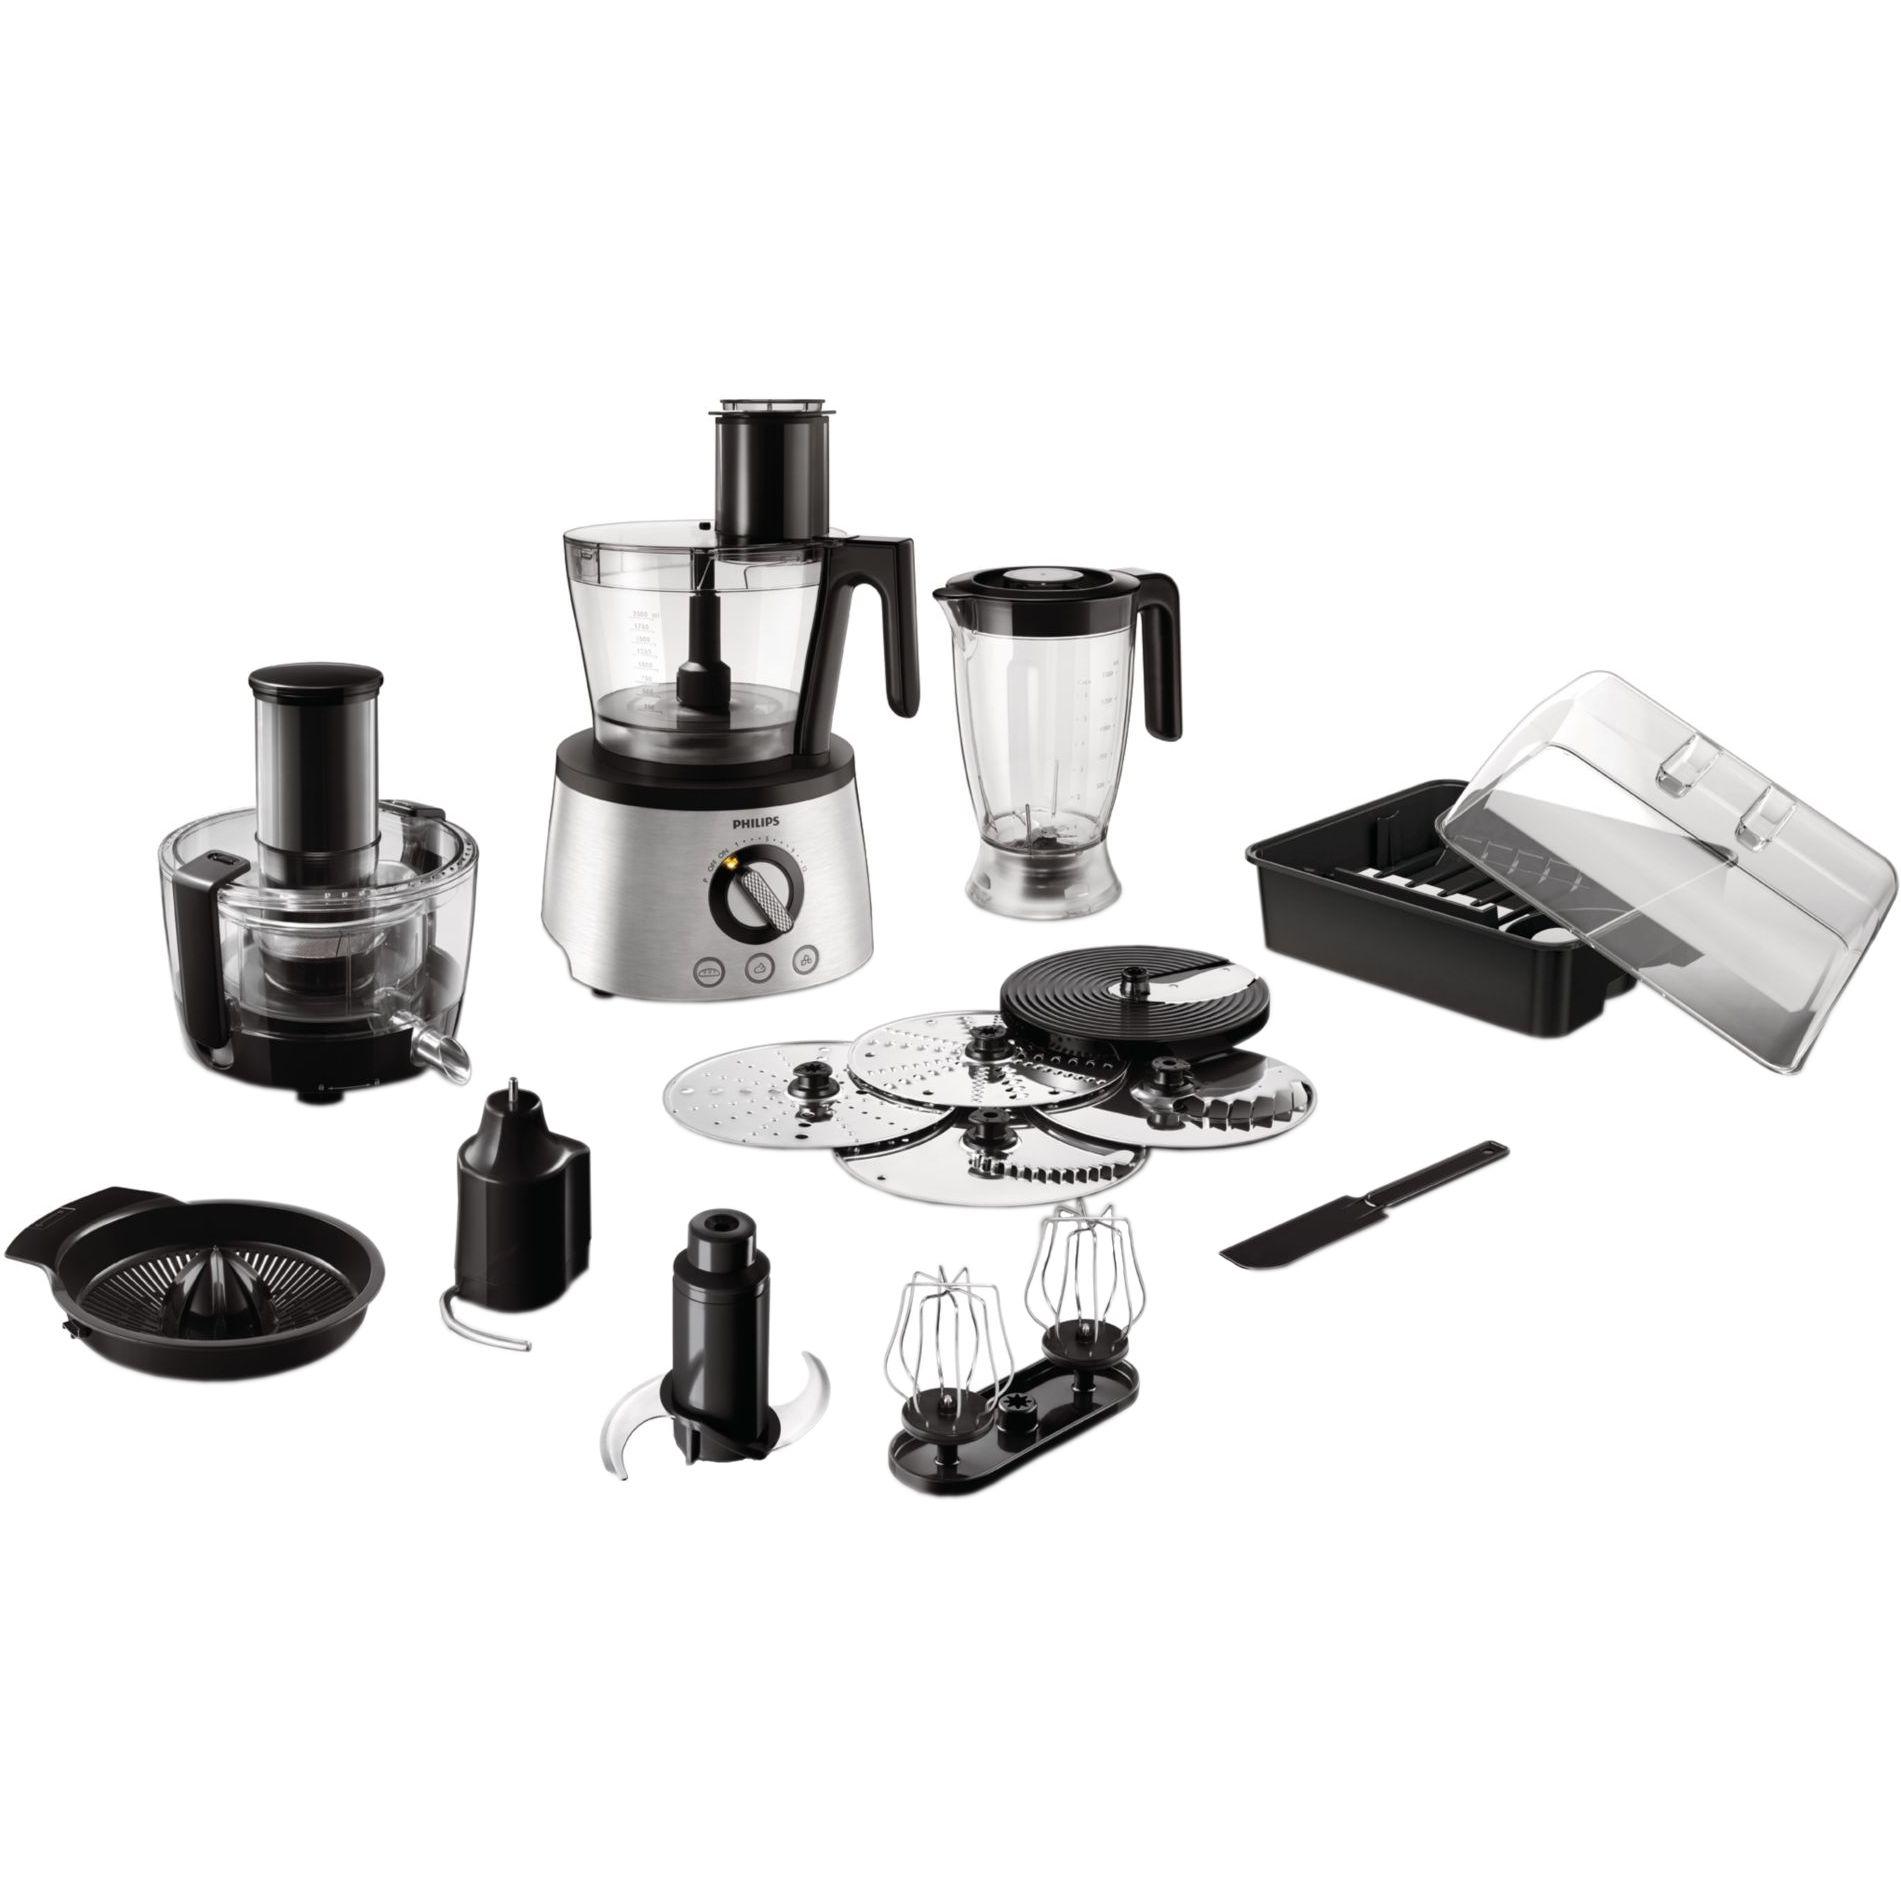 european kitchen gadgets samsung appliances reviews philips avance collection hr7778 00  un robot complet